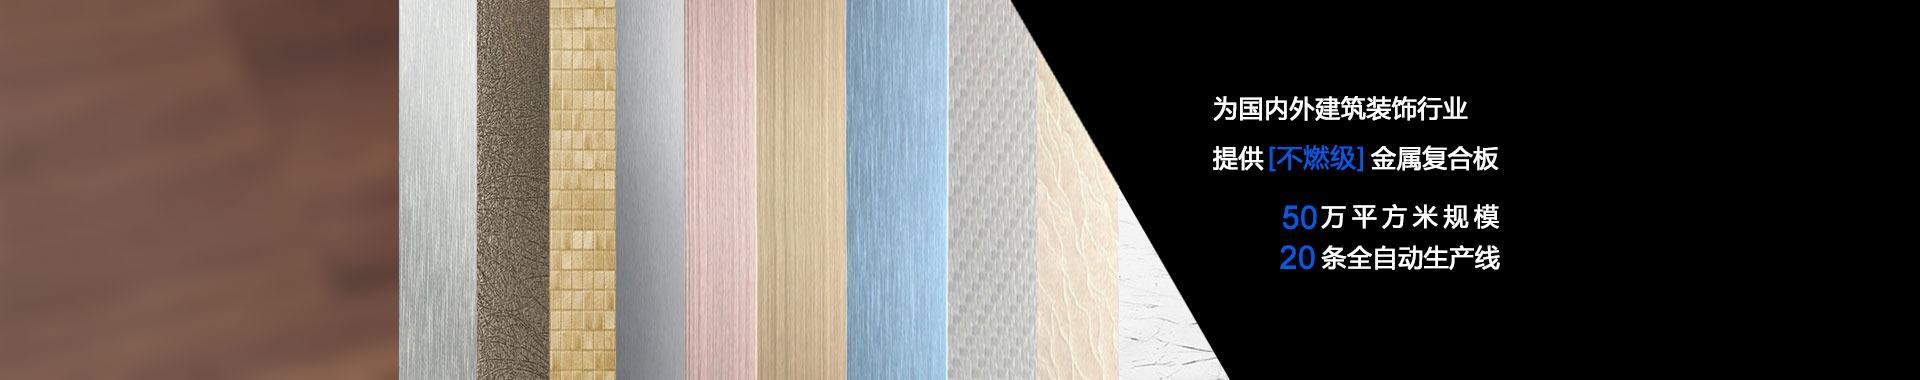 建筑装饰用金属板、金属复合板-华幸产品中心